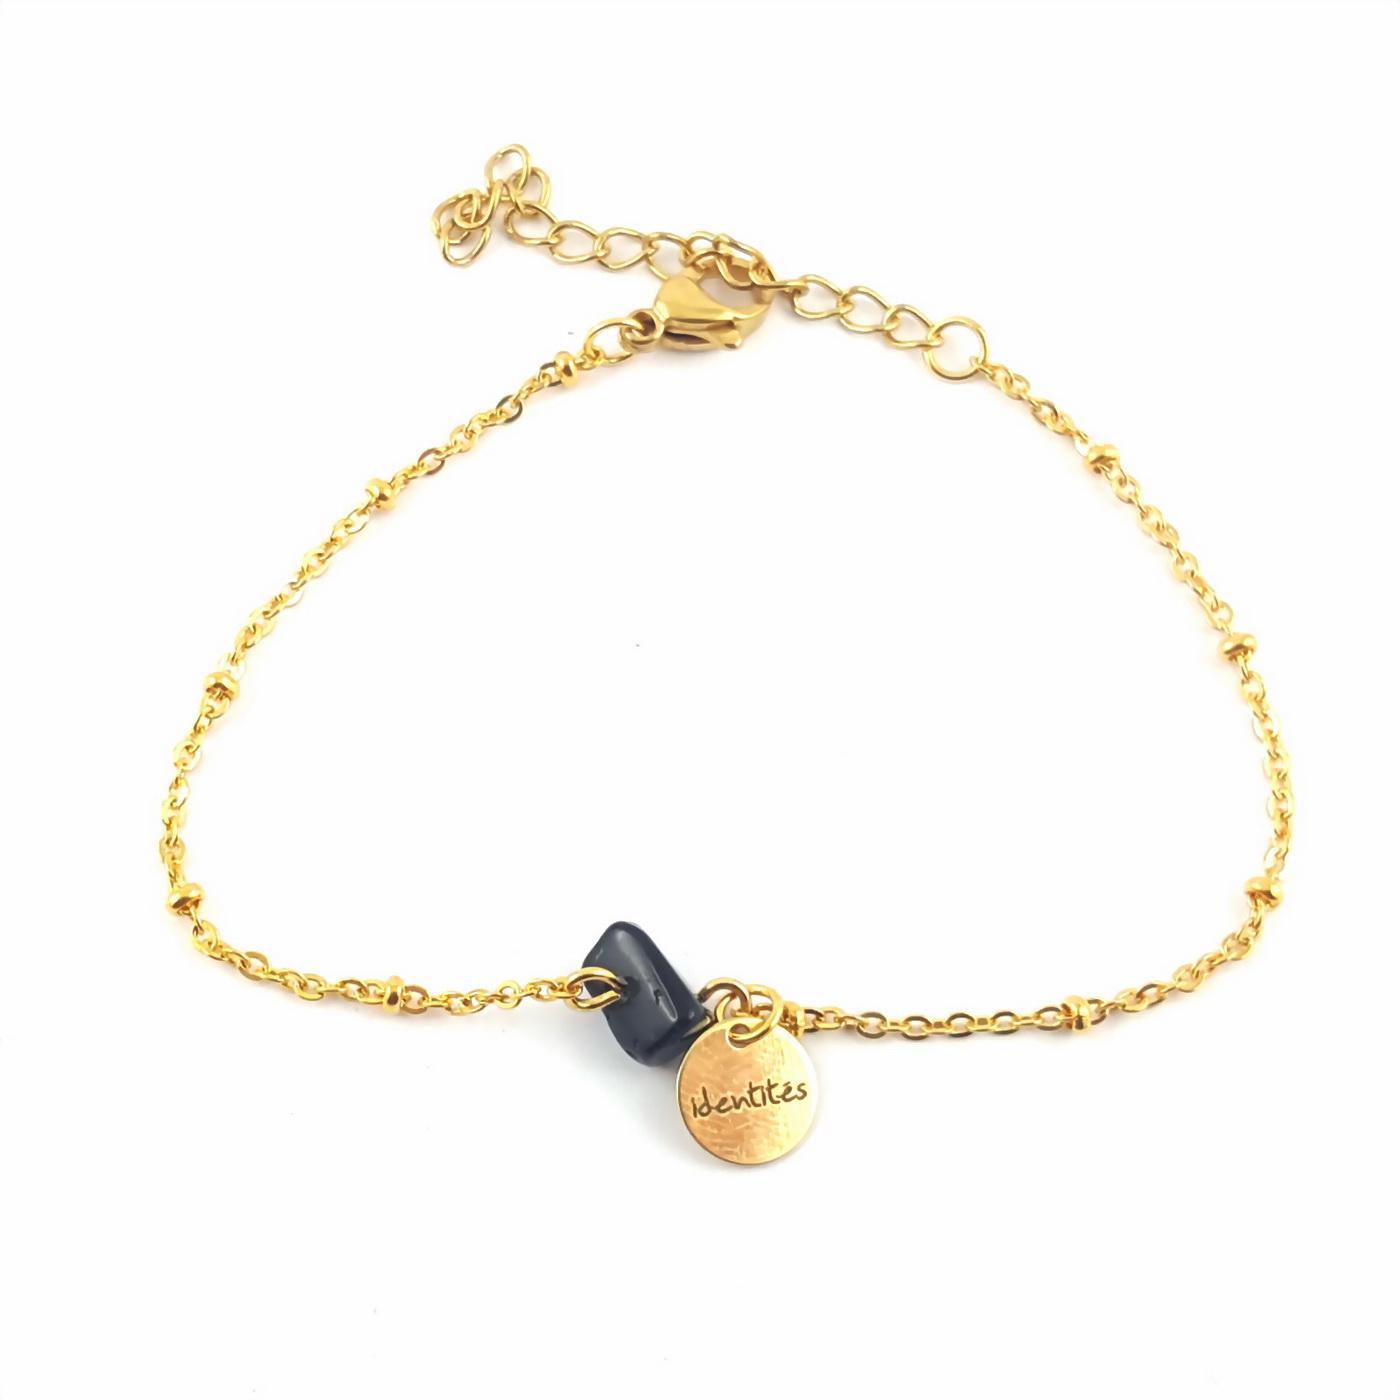 Bracelet pépite agate noire et chaîne finition or - identités bijoux